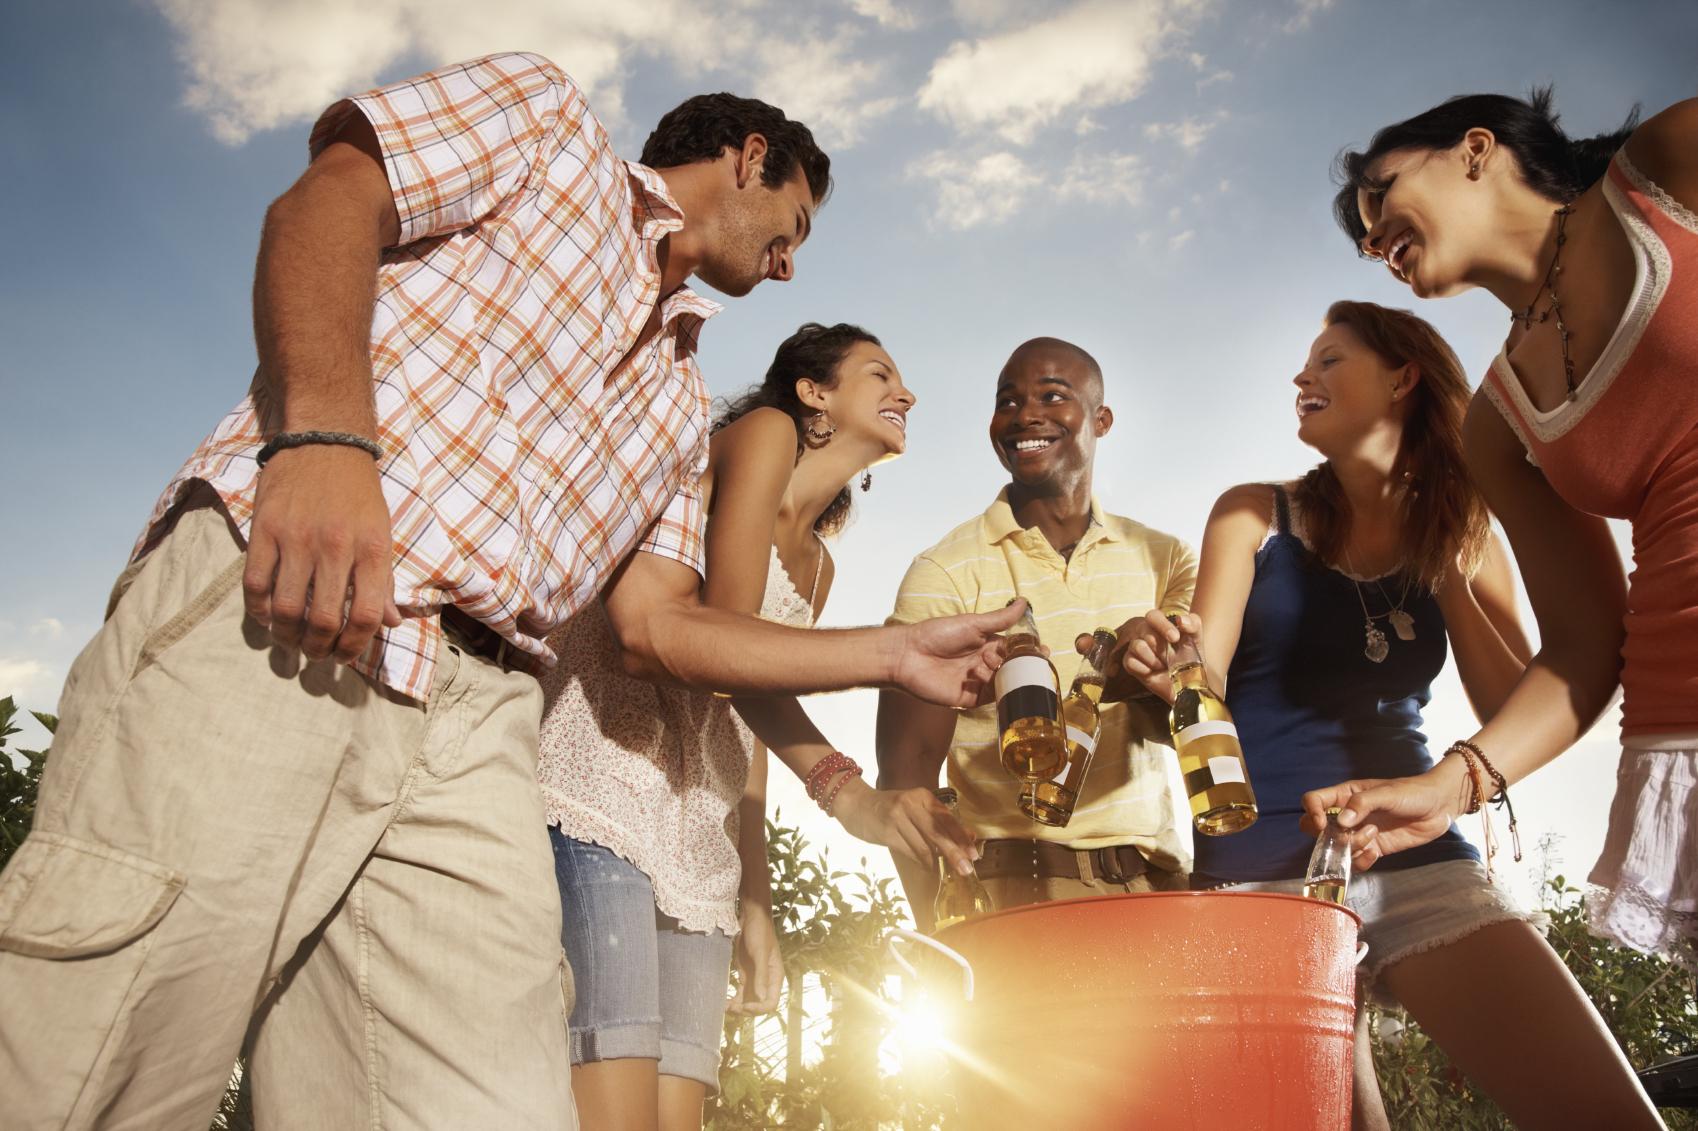 amigos comemorando em churrasco informal